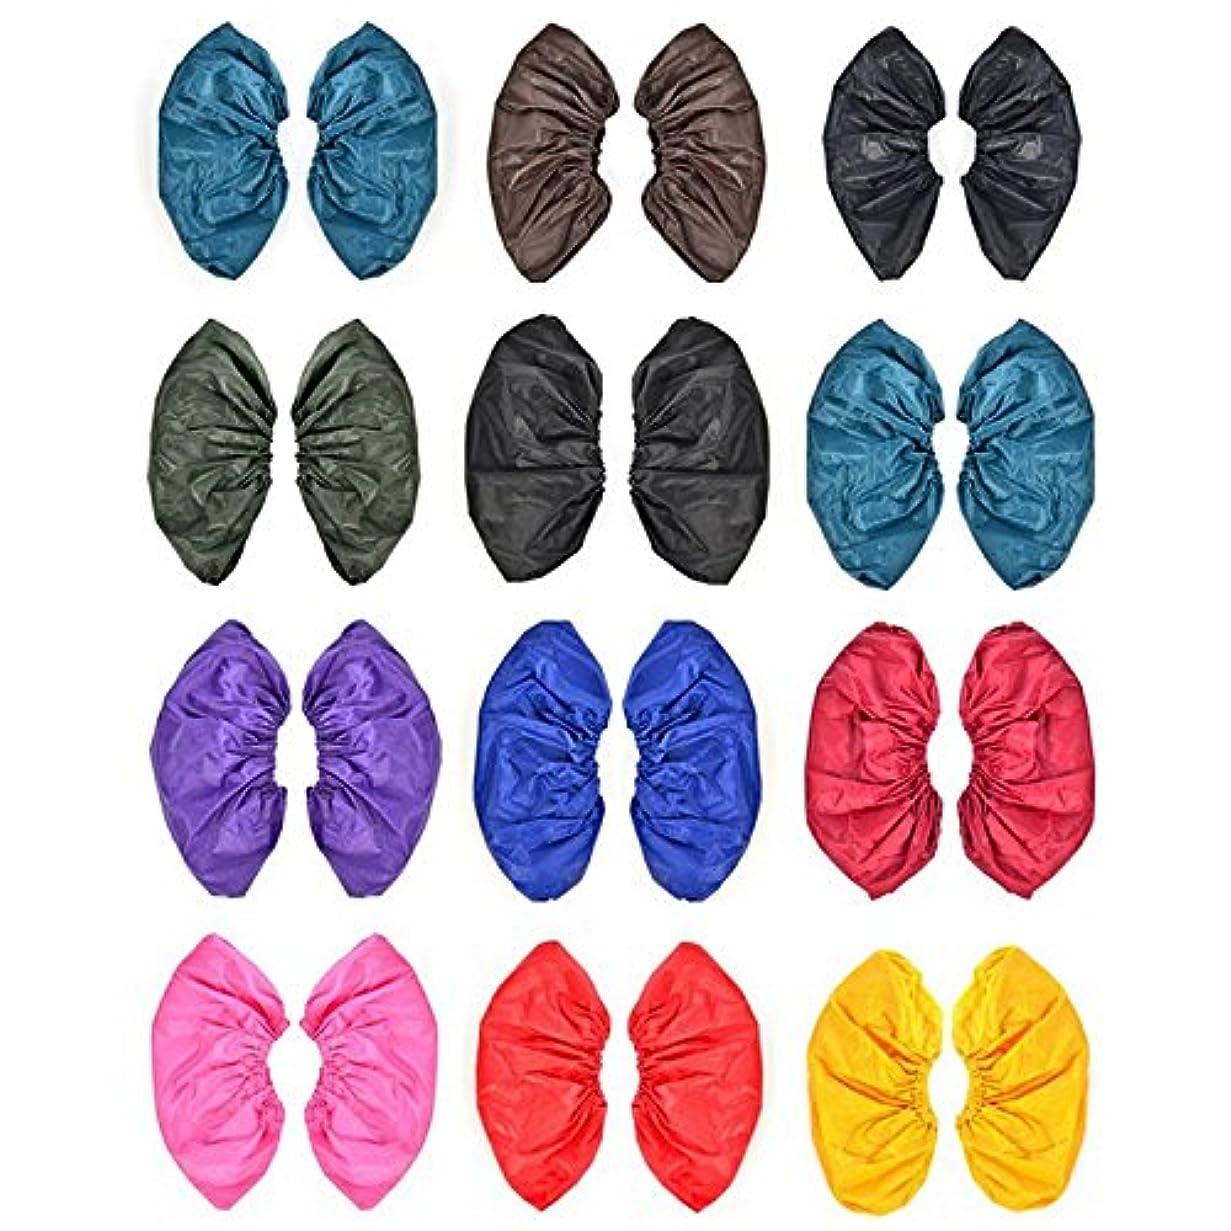 枕批判並外れたattachmenttou 雨靴カバー 再利用可能な防水雨の雪 ブーツは、耐熱PVC厚み付けソールの靴カバースリップ 男女